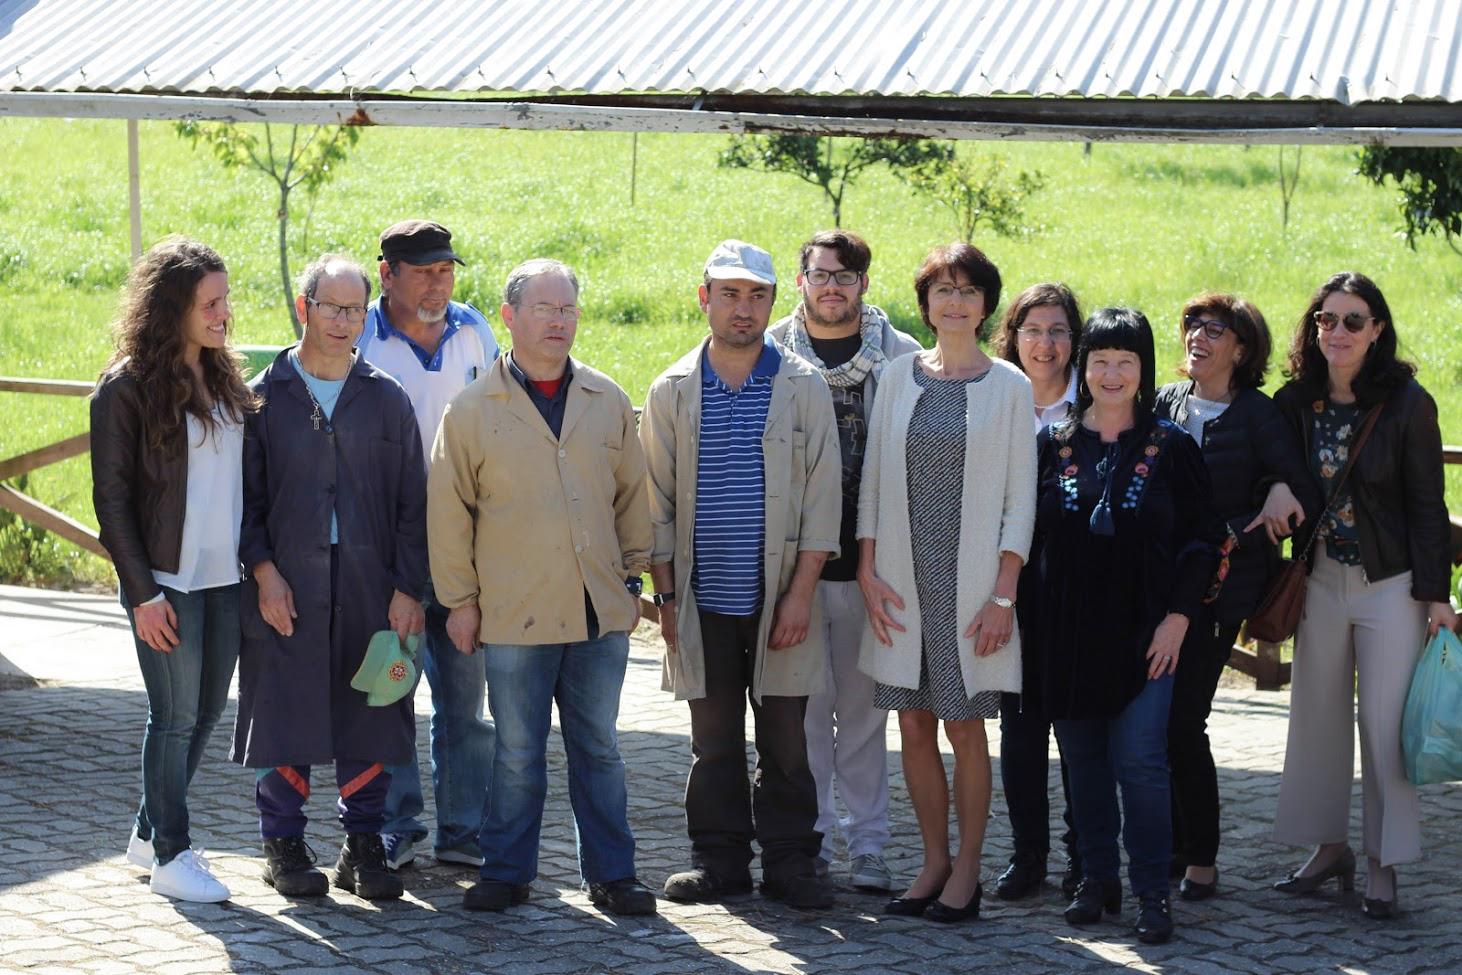 escola profissional de aveiro mapa POCH | Marianne Thyssen em Aveiro para celebrar a formação  escola profissional de aveiro mapa